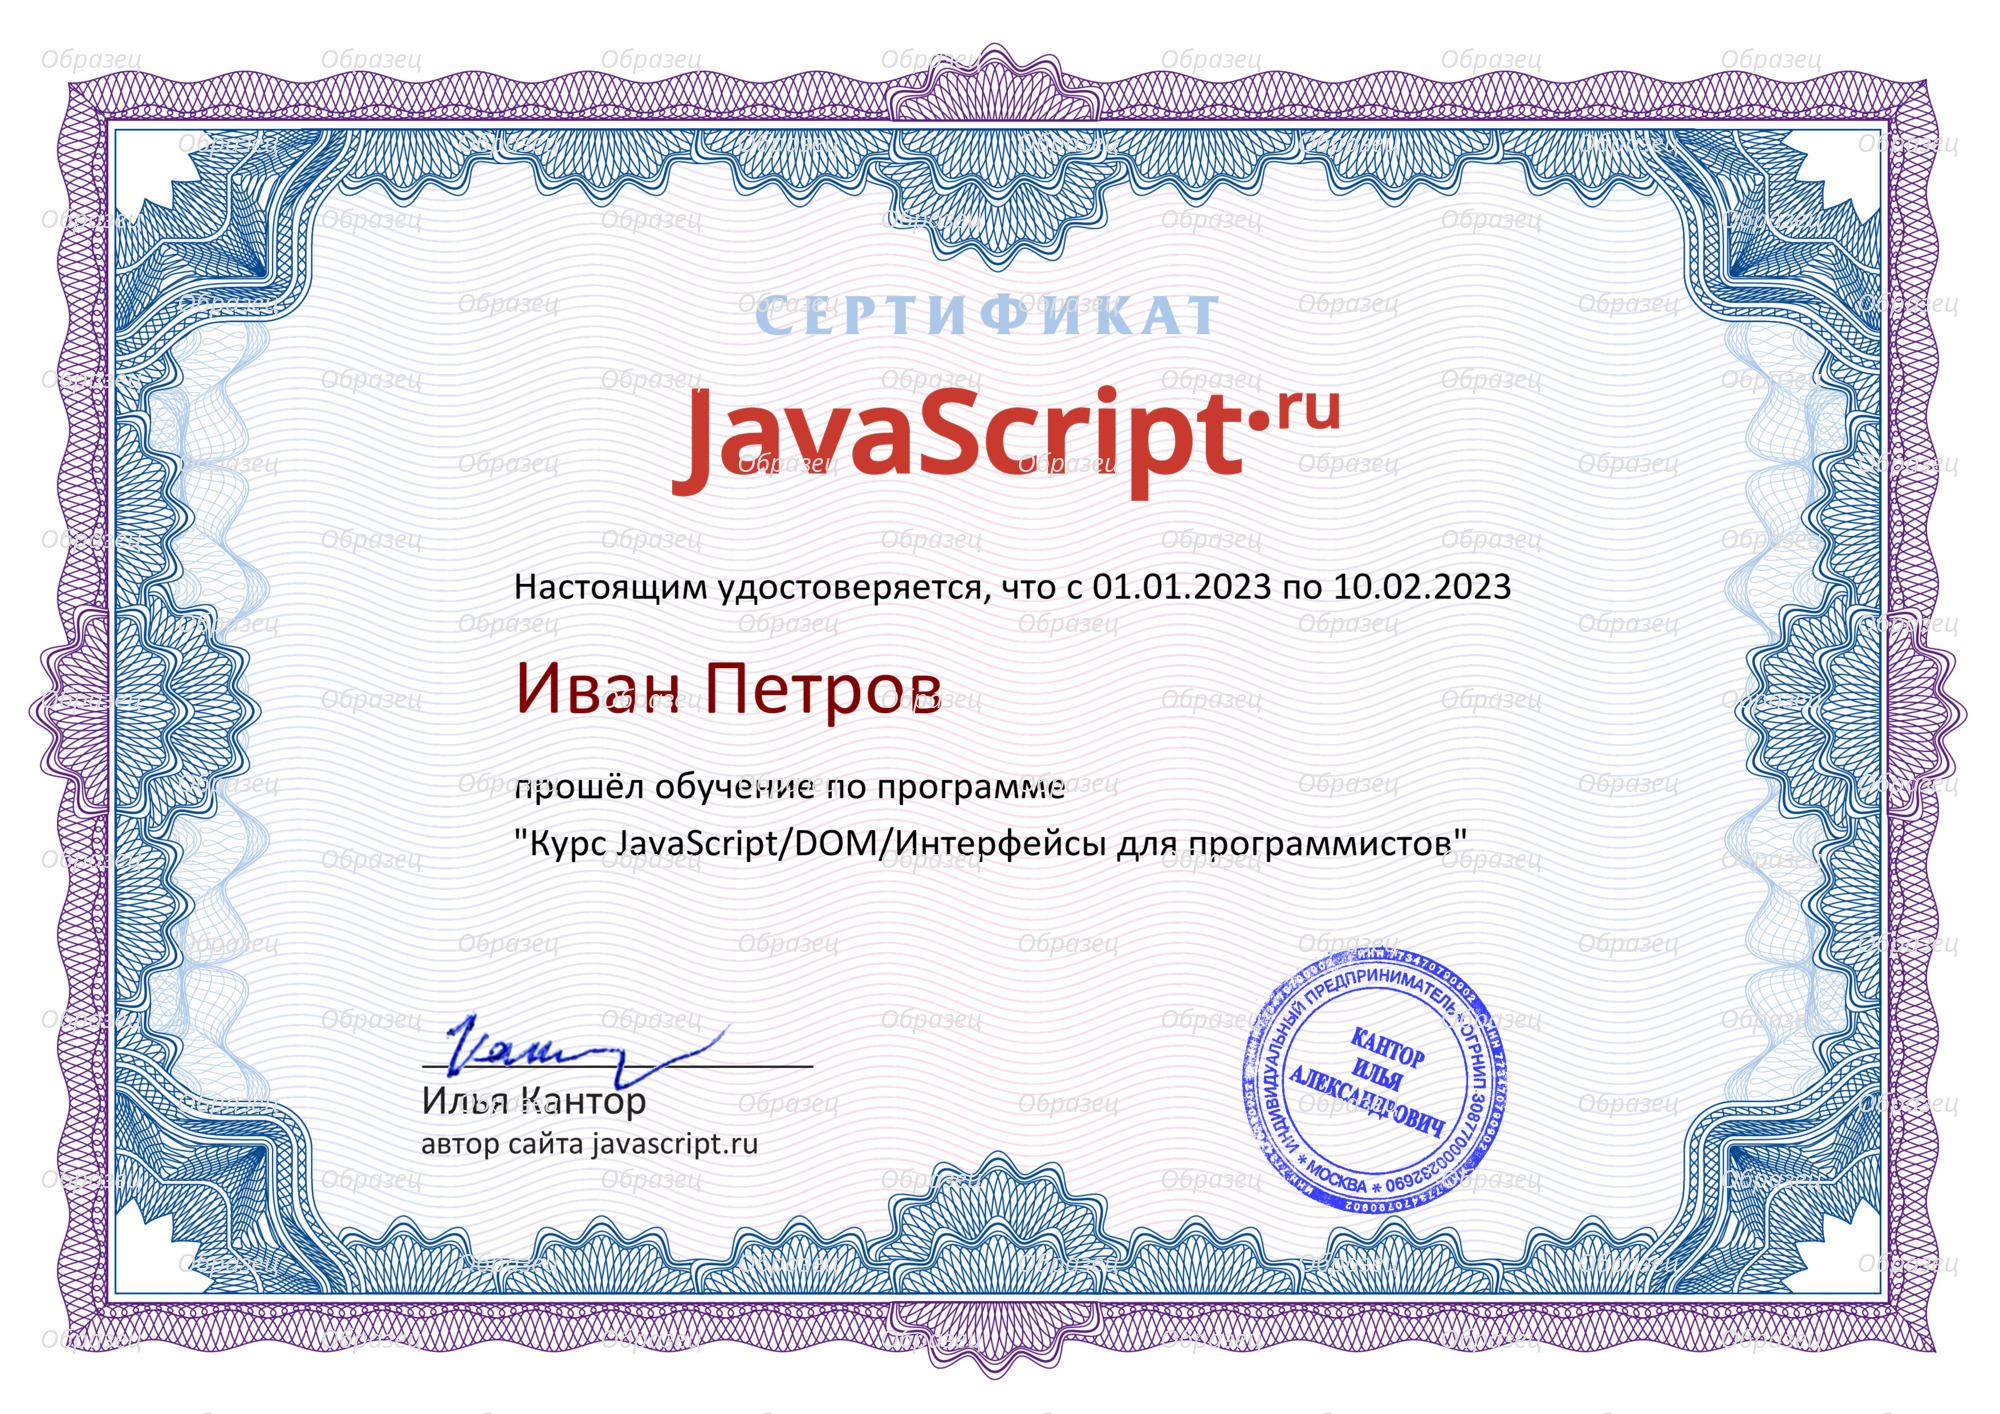 Фриланс для javascript программистов работа удаленным переводчиком спб